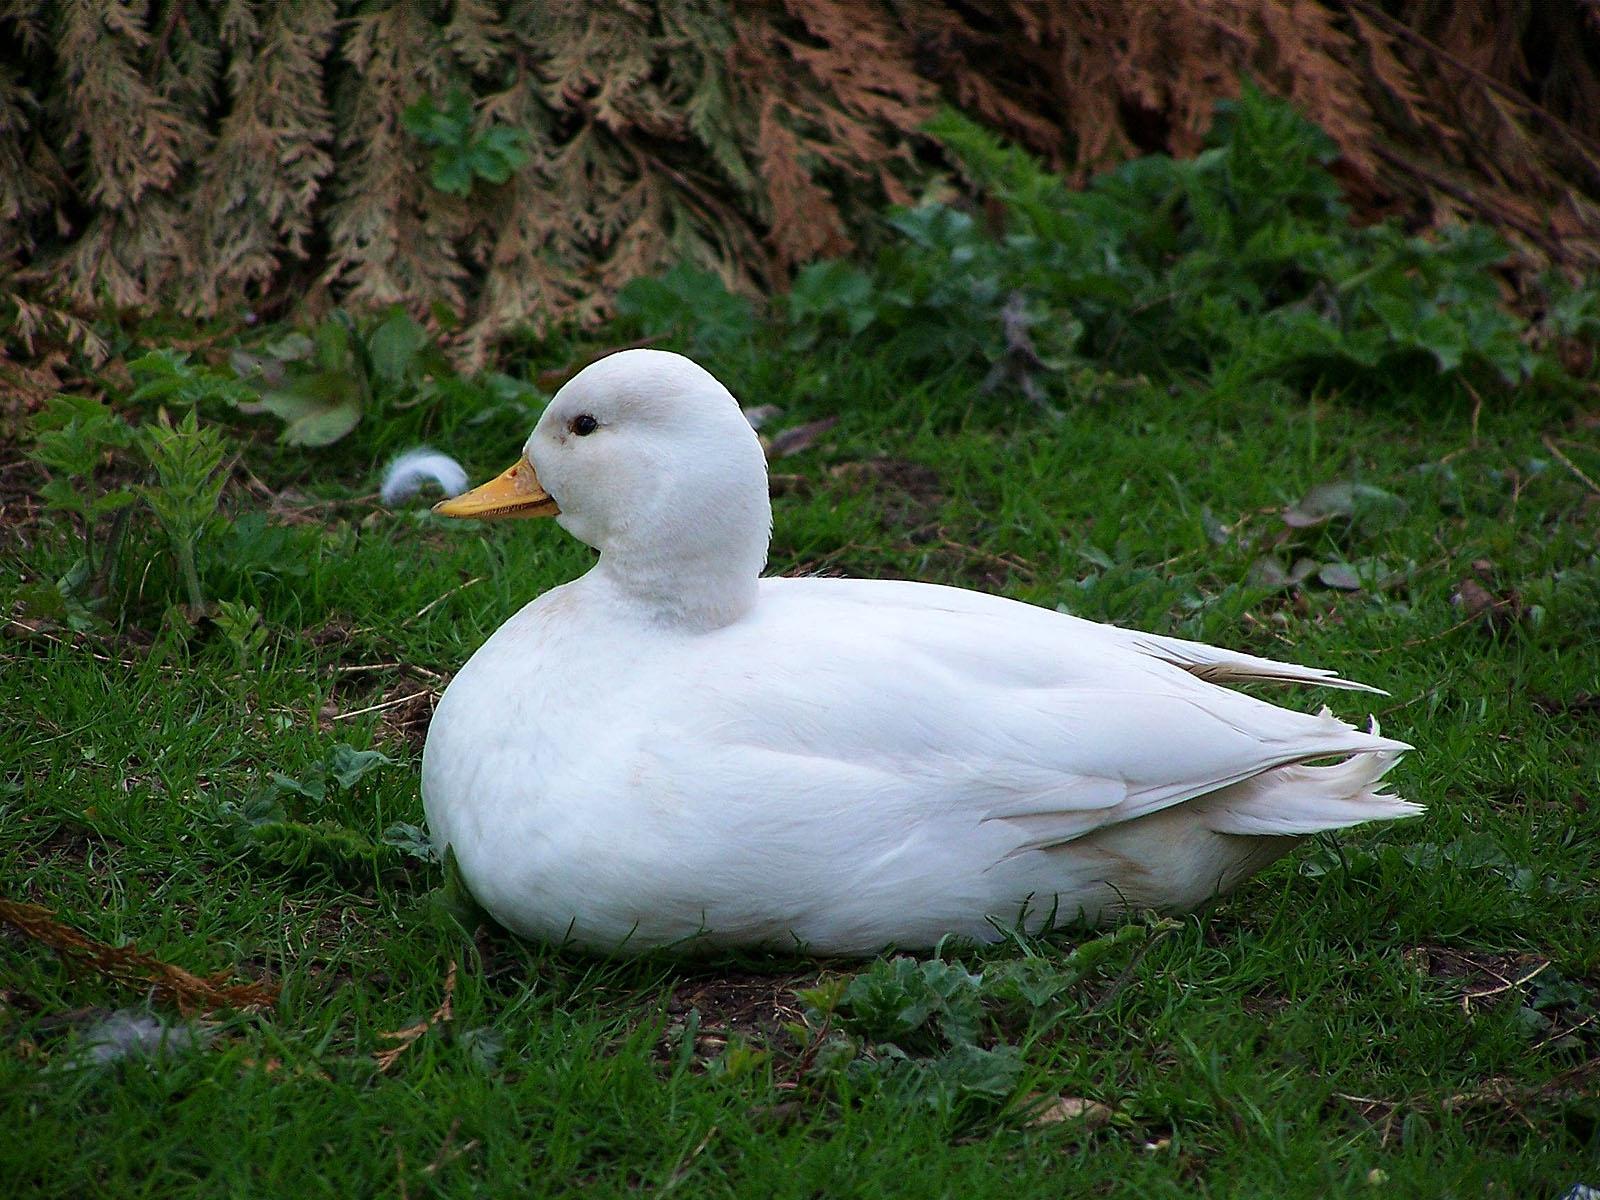 White call duck bird